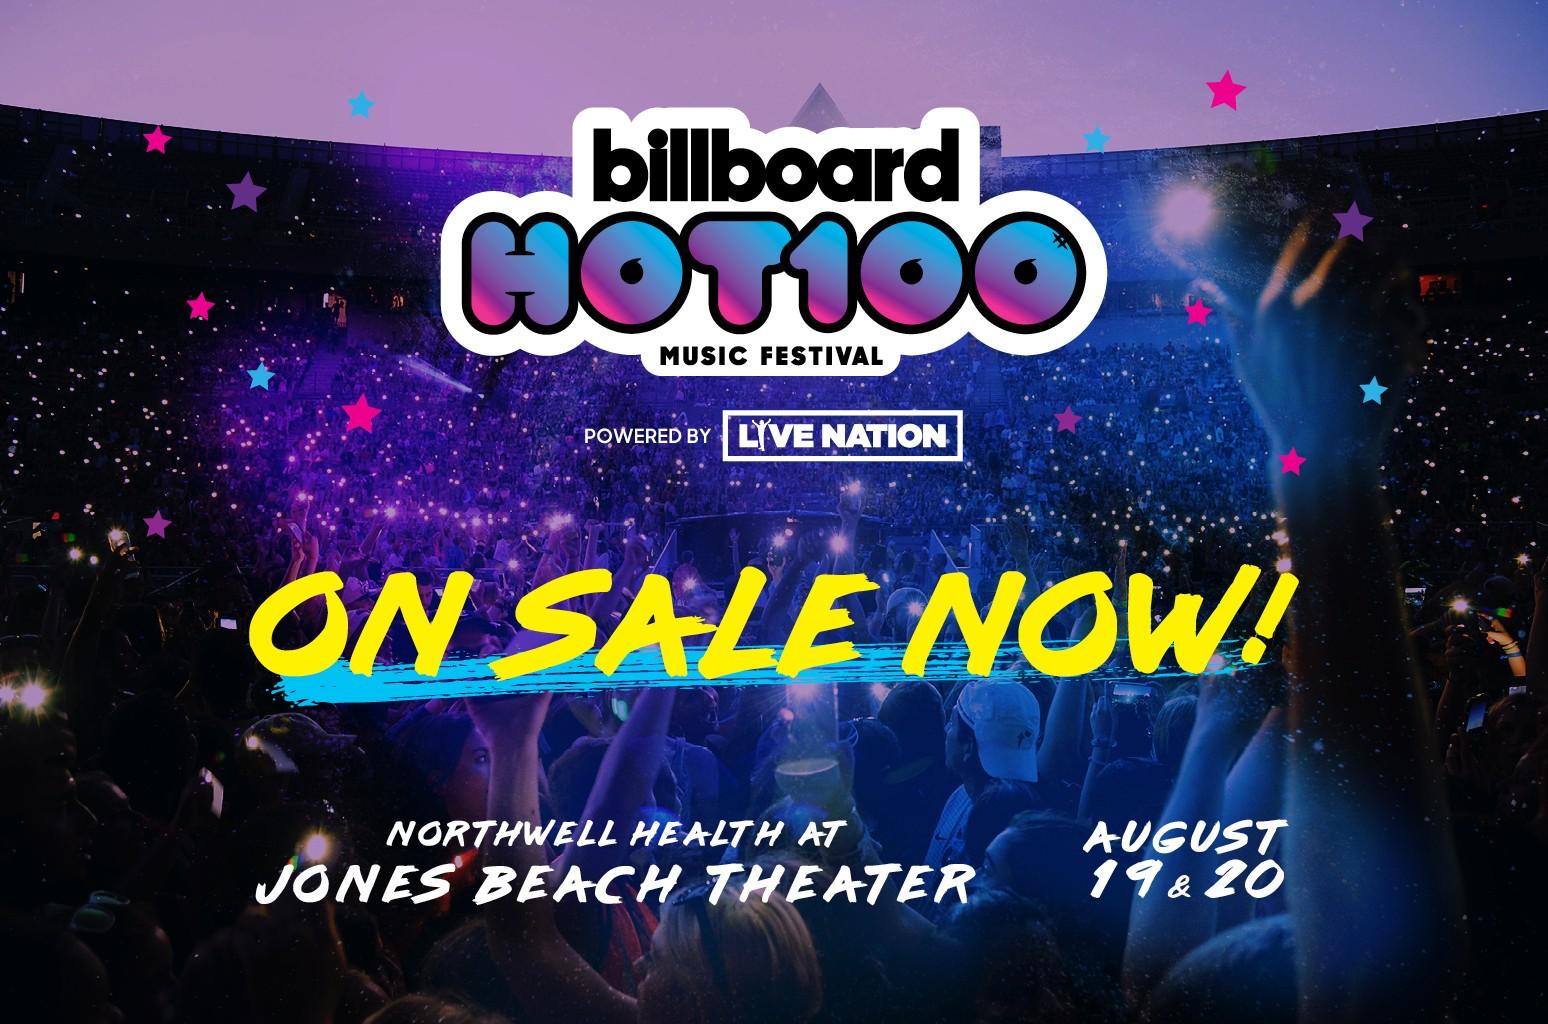 billboard-hot-100-fest-2017-on-sale-now-billboard-1548-1495461033